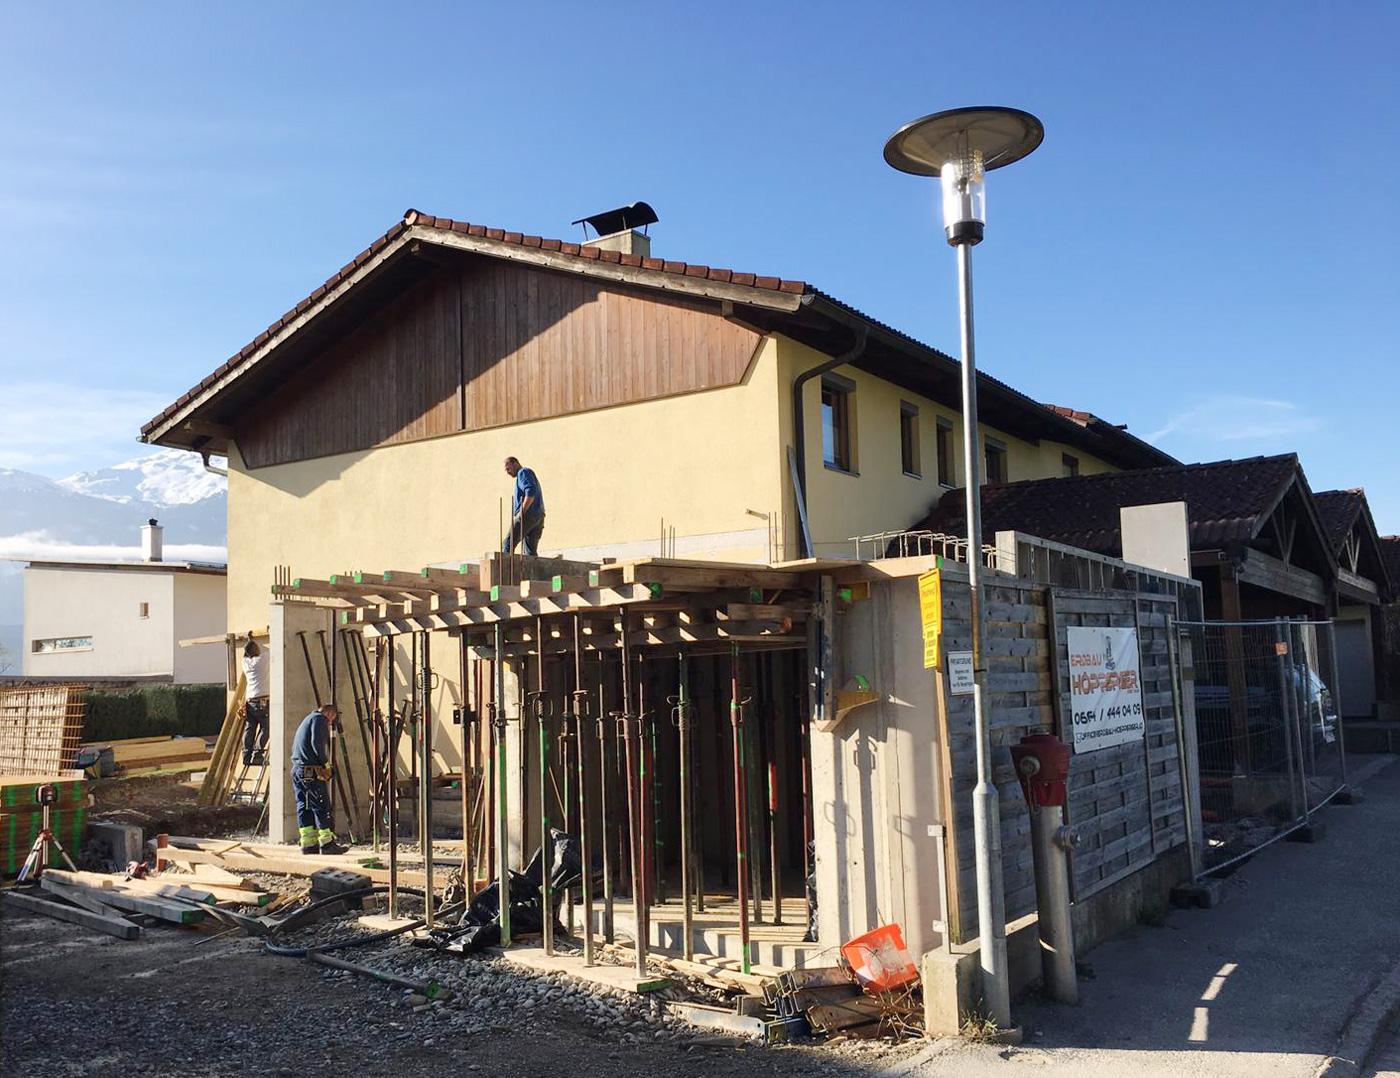 9-2019-Zu-und-Umbau-Einfamilienhaus-mit-Vollholzwaenden-Holzbau-Zimmerei-Norz-1.jpg